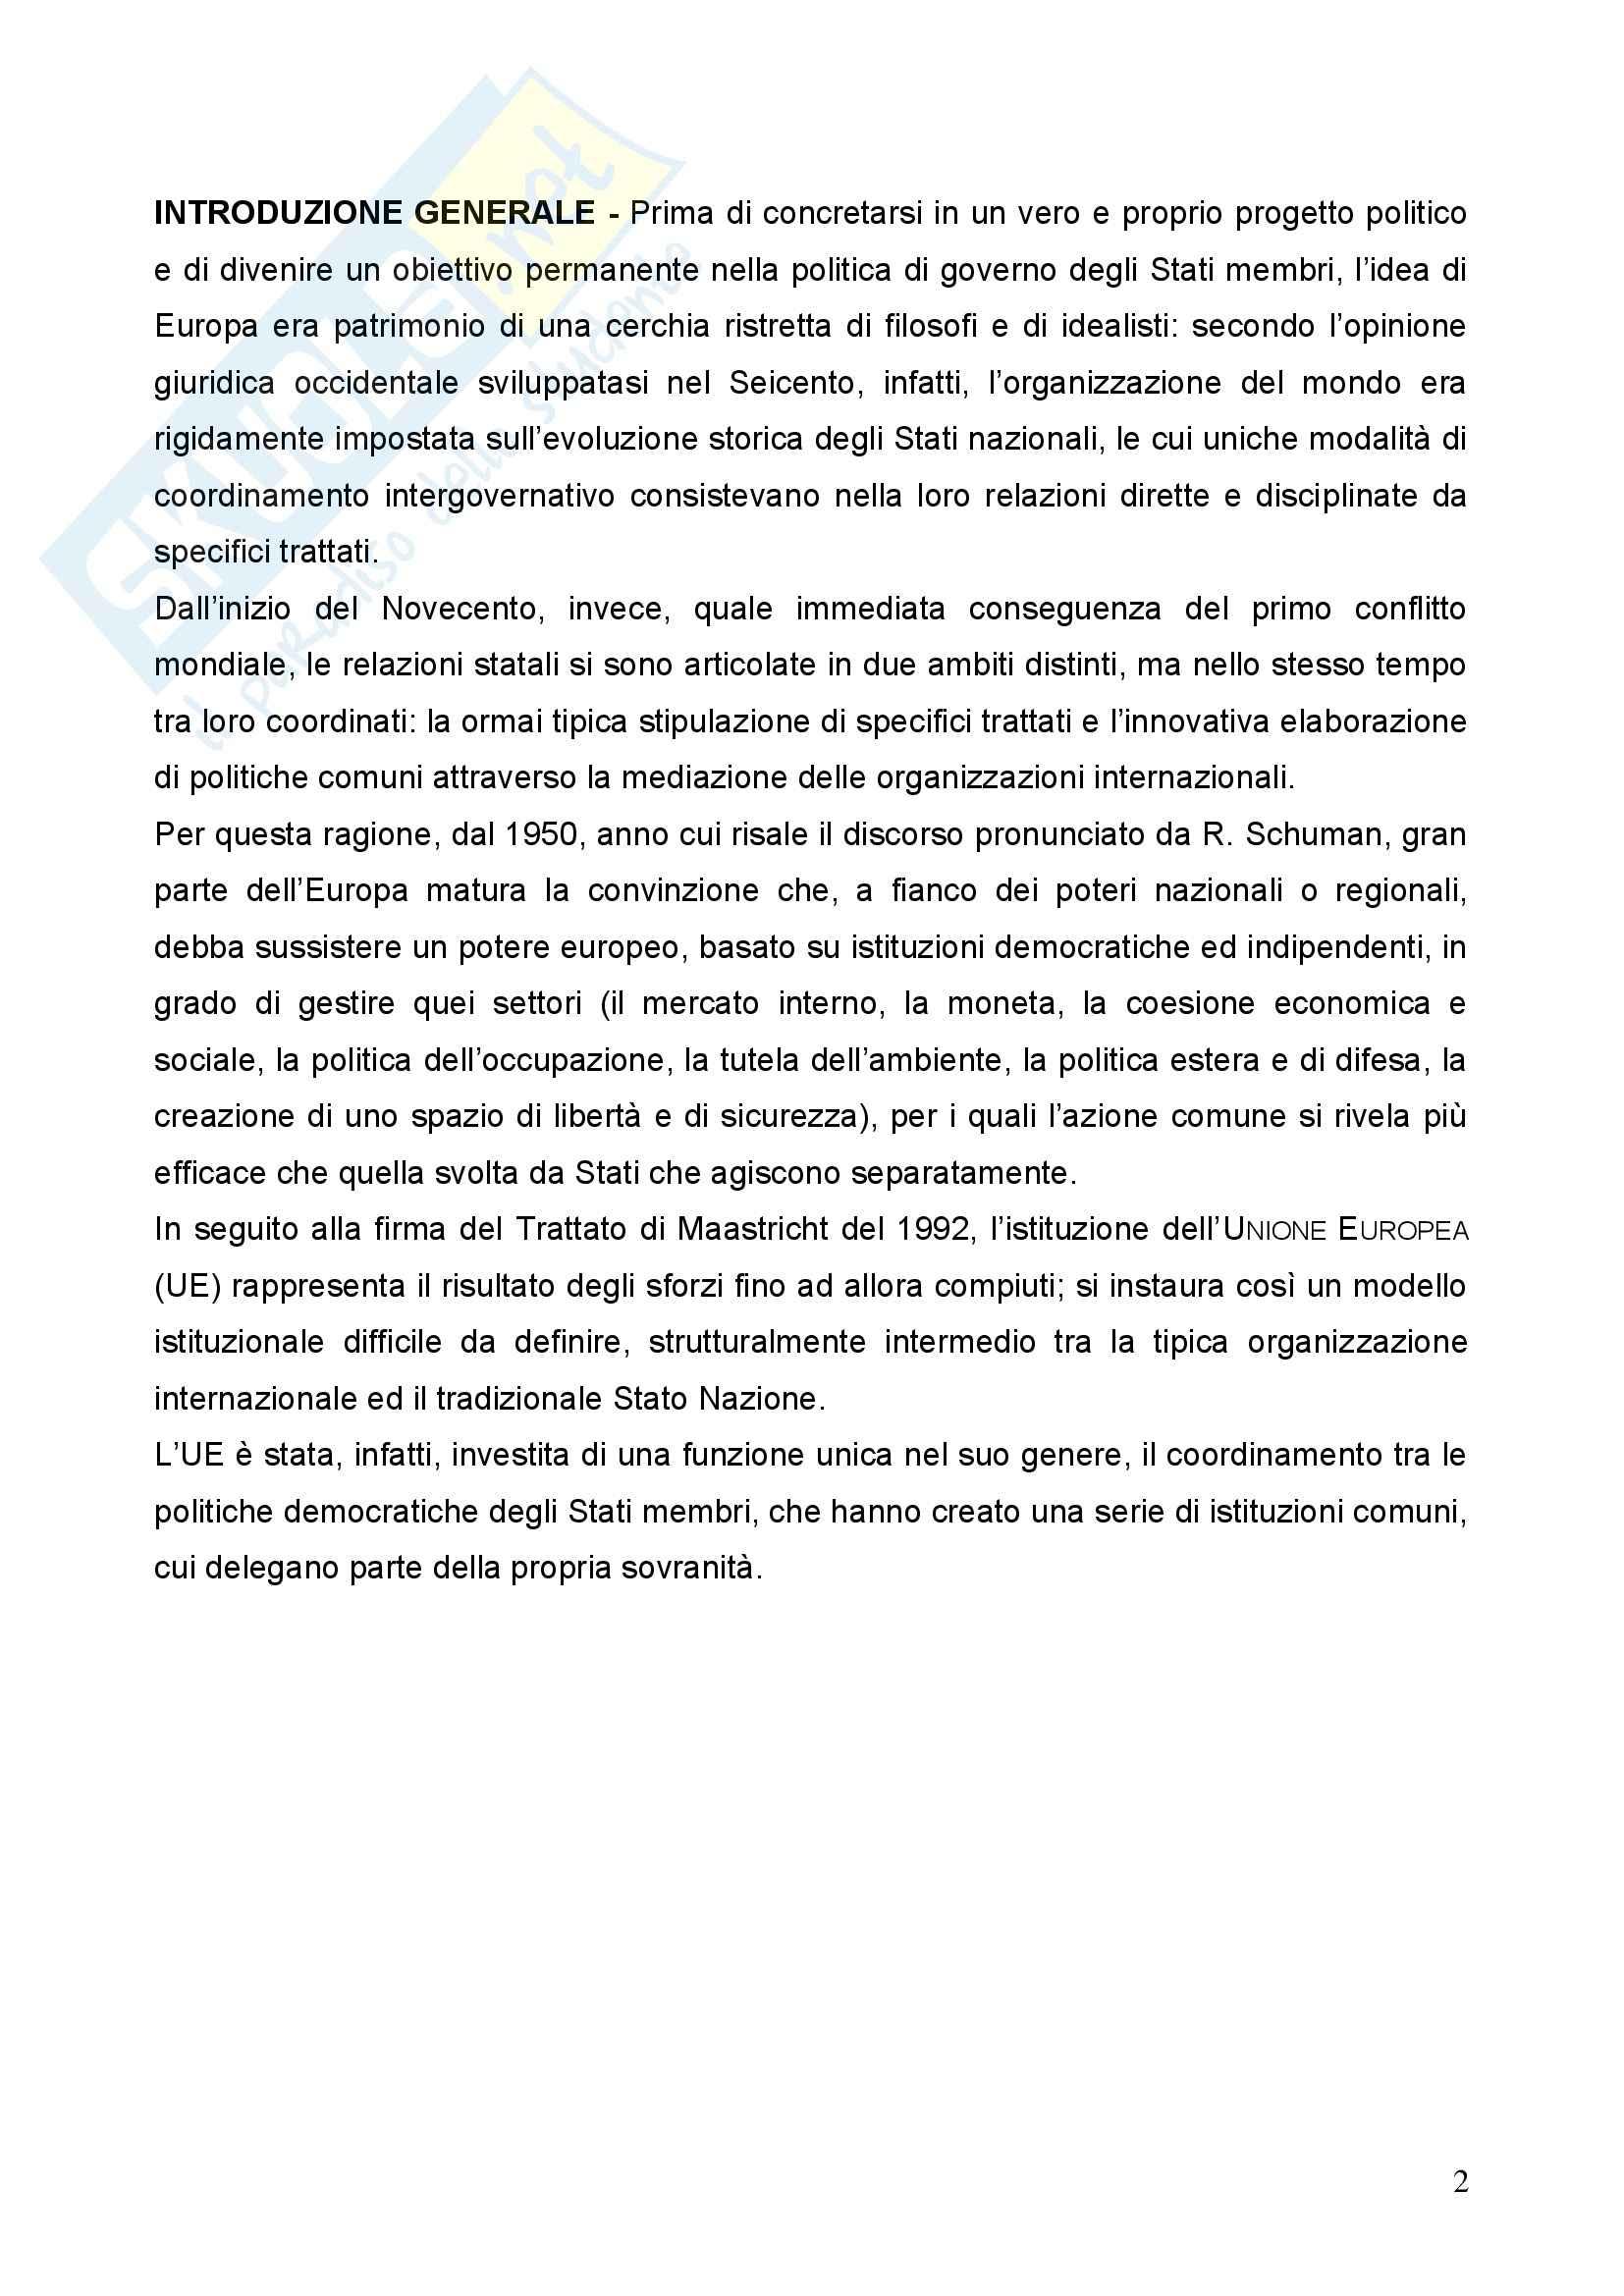 Diritto dell'Unione Europea - la Dichiarazione di Laeken e aspetti principali dell'Unione Europea Pag. 2